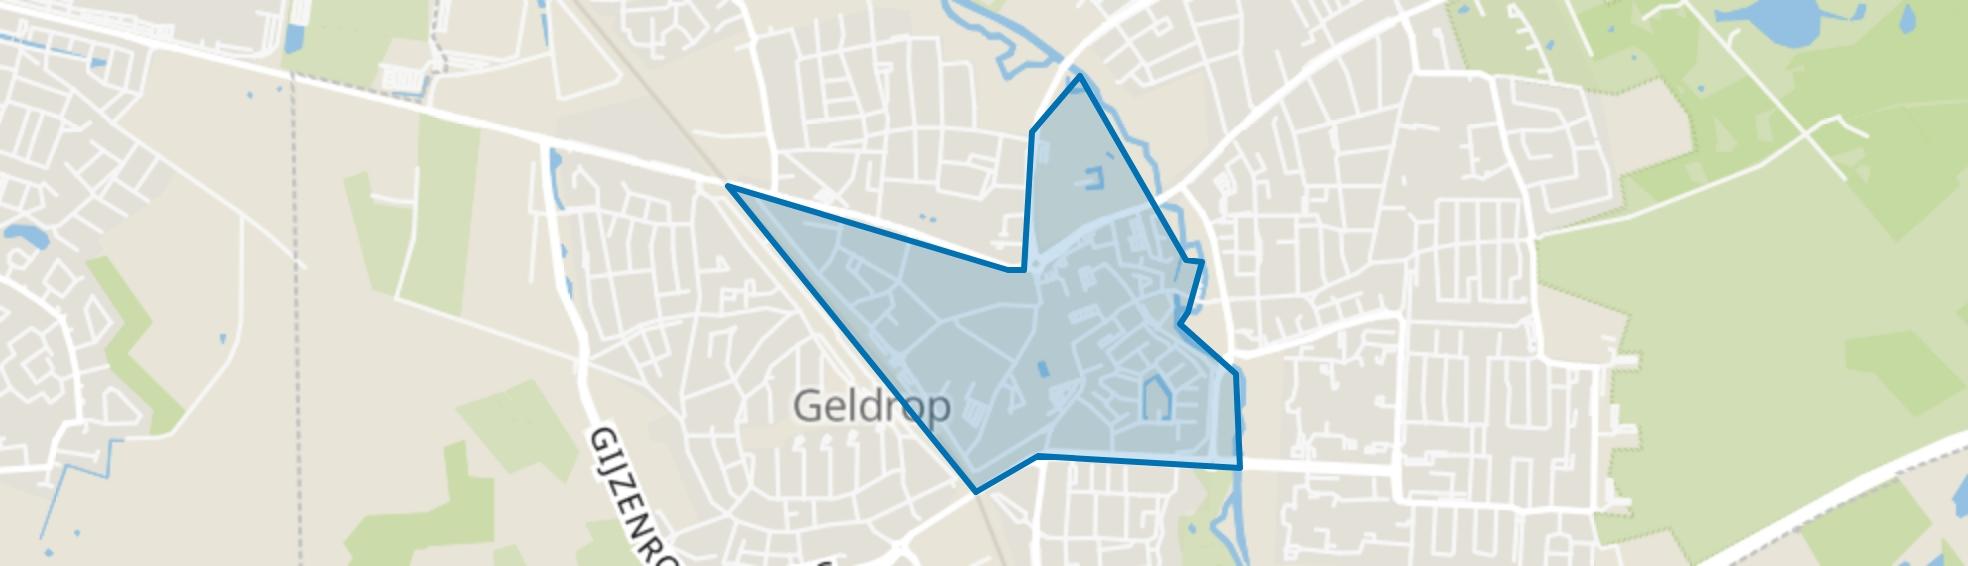 Centrum, Geldrop map